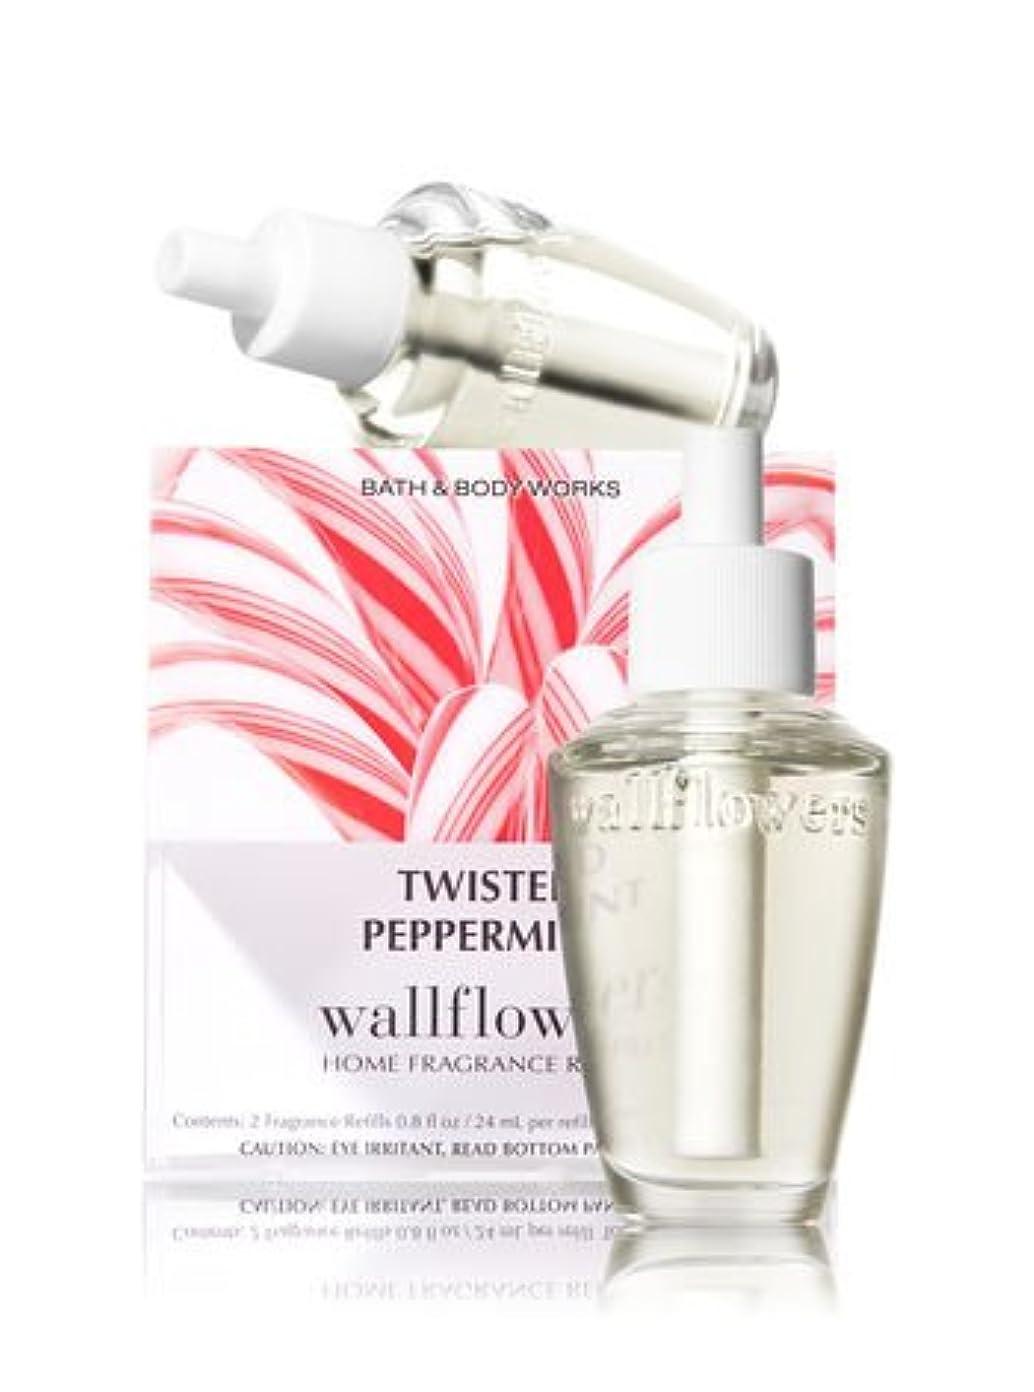 急速なブラシ悪因子【Bath&Body Works/バス&ボディワークス】 ルームフレグランス 詰替えリフィル(2個入り) ツイステッドペパーミント Wallflowers Home Fragrance 2-Pack Refills Twisted Peppermint [並行輸入品]